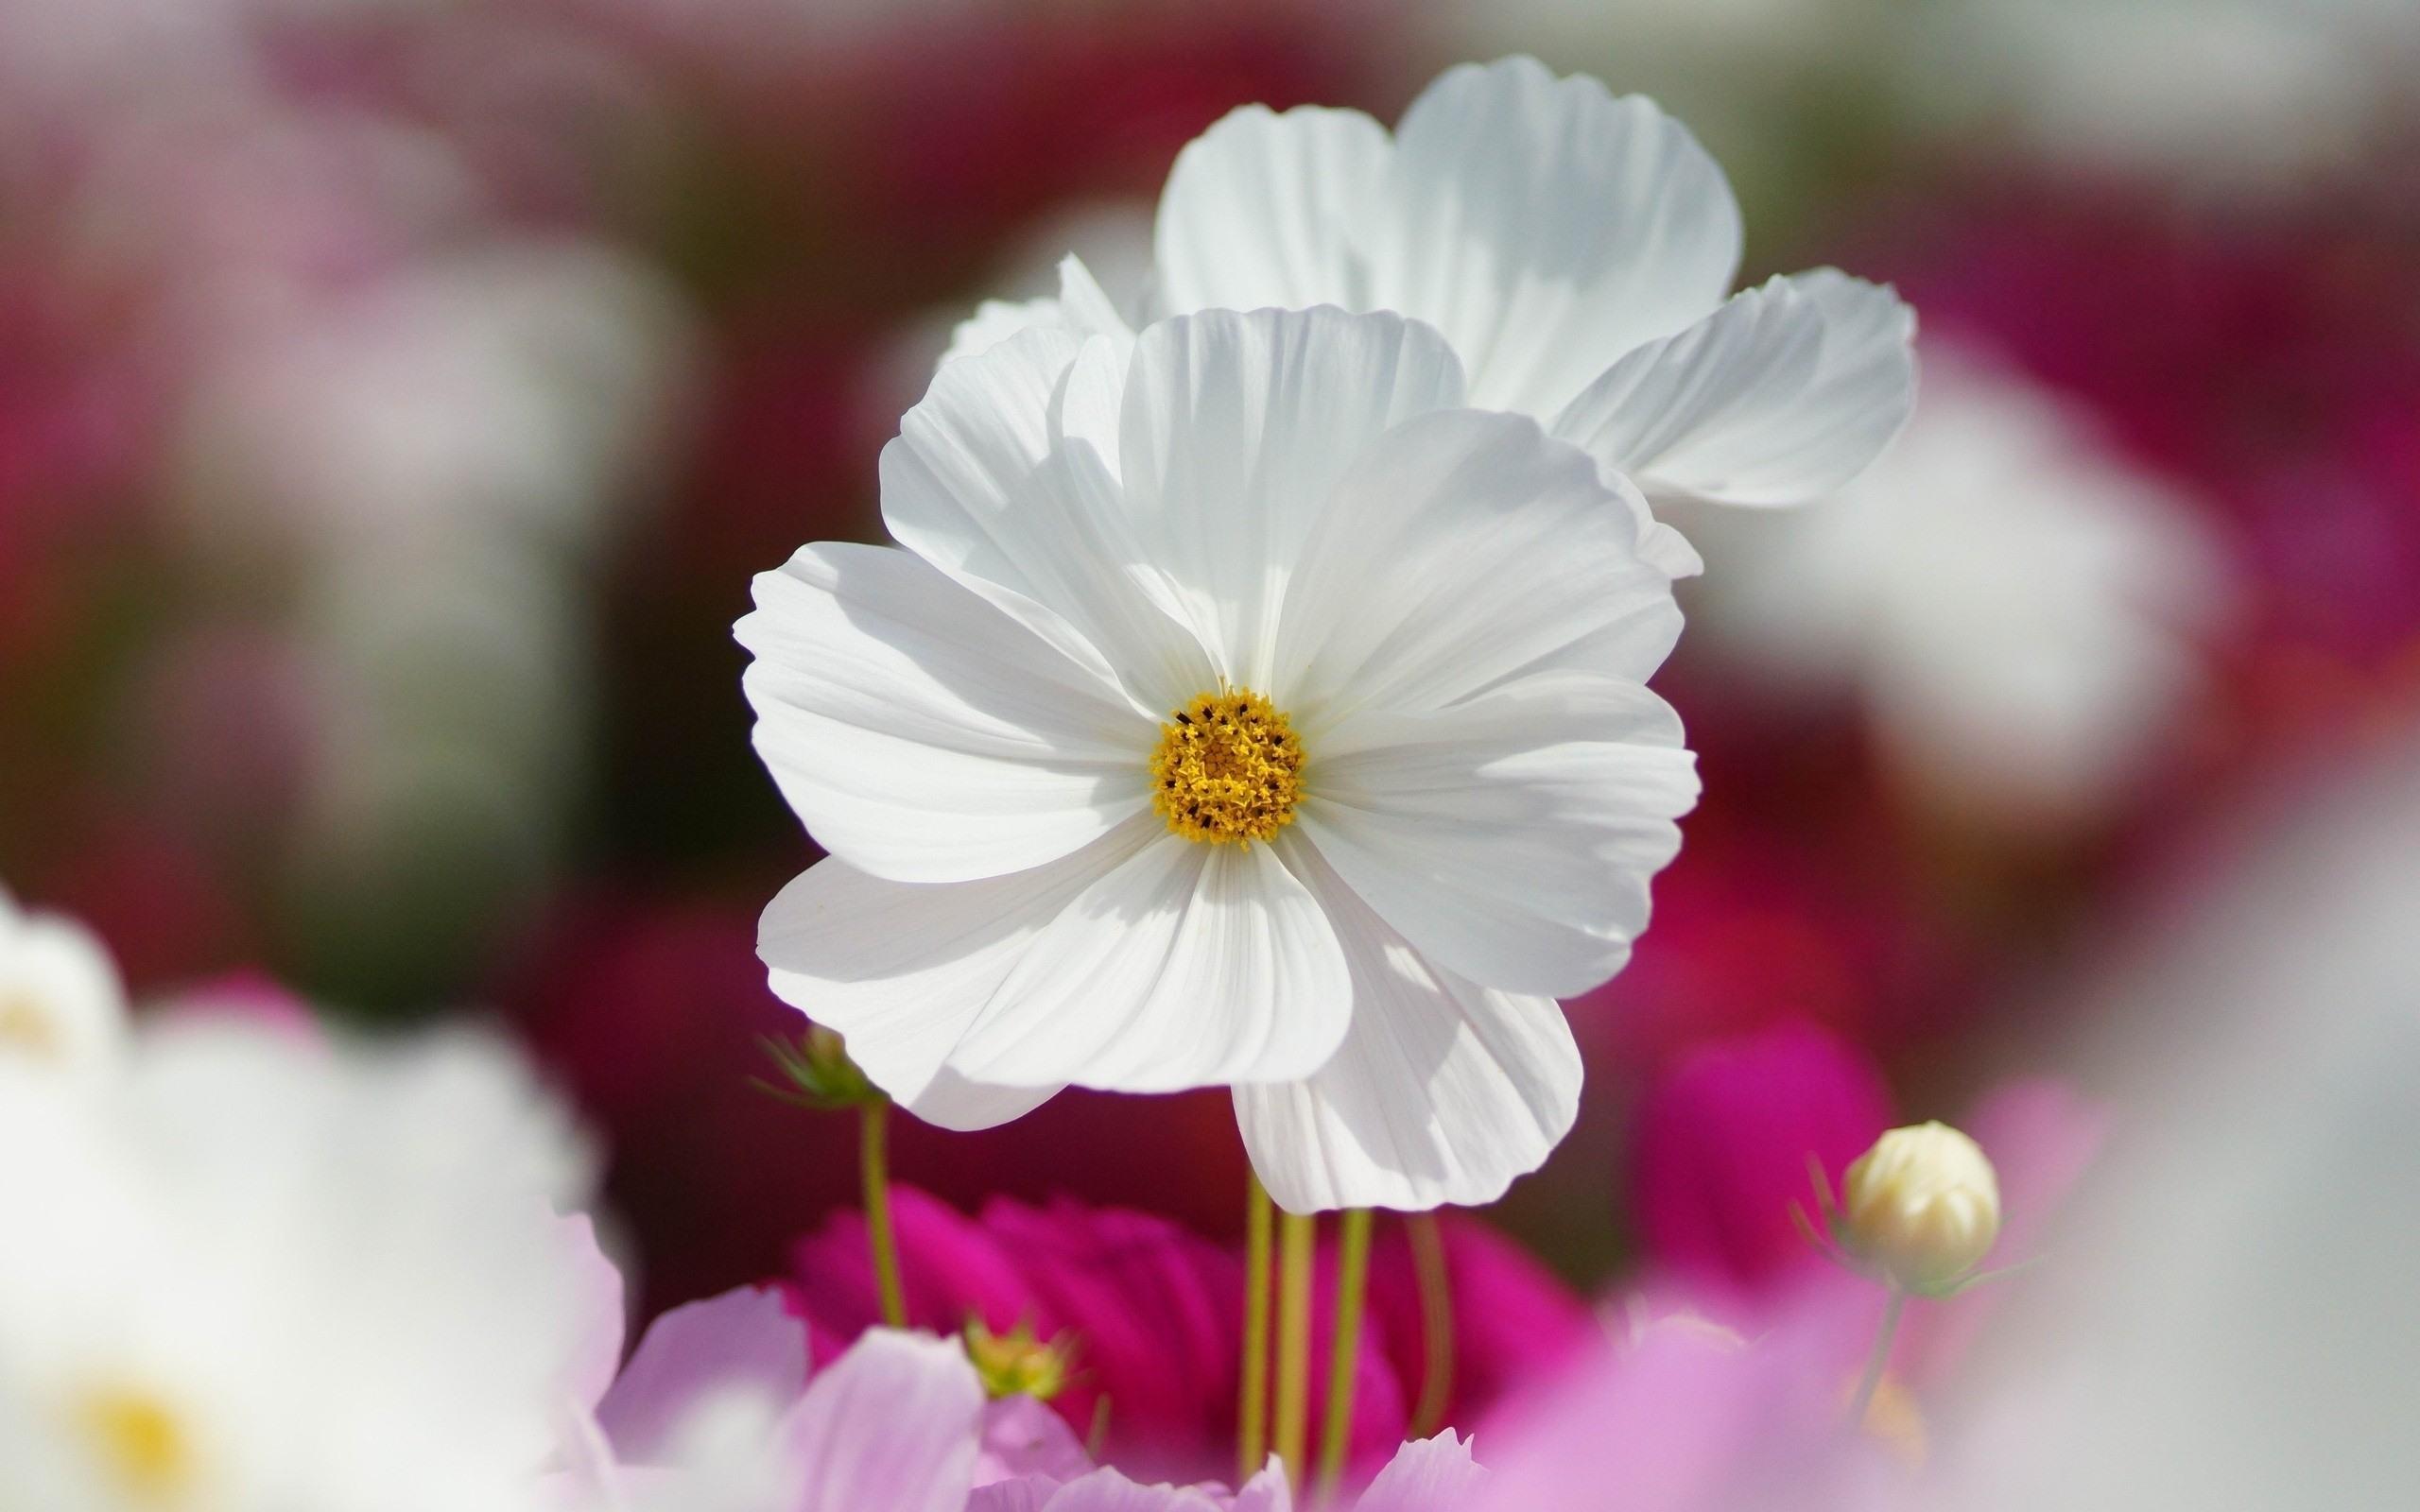 картинки цветы белого цвета дзюдо пензе открыты